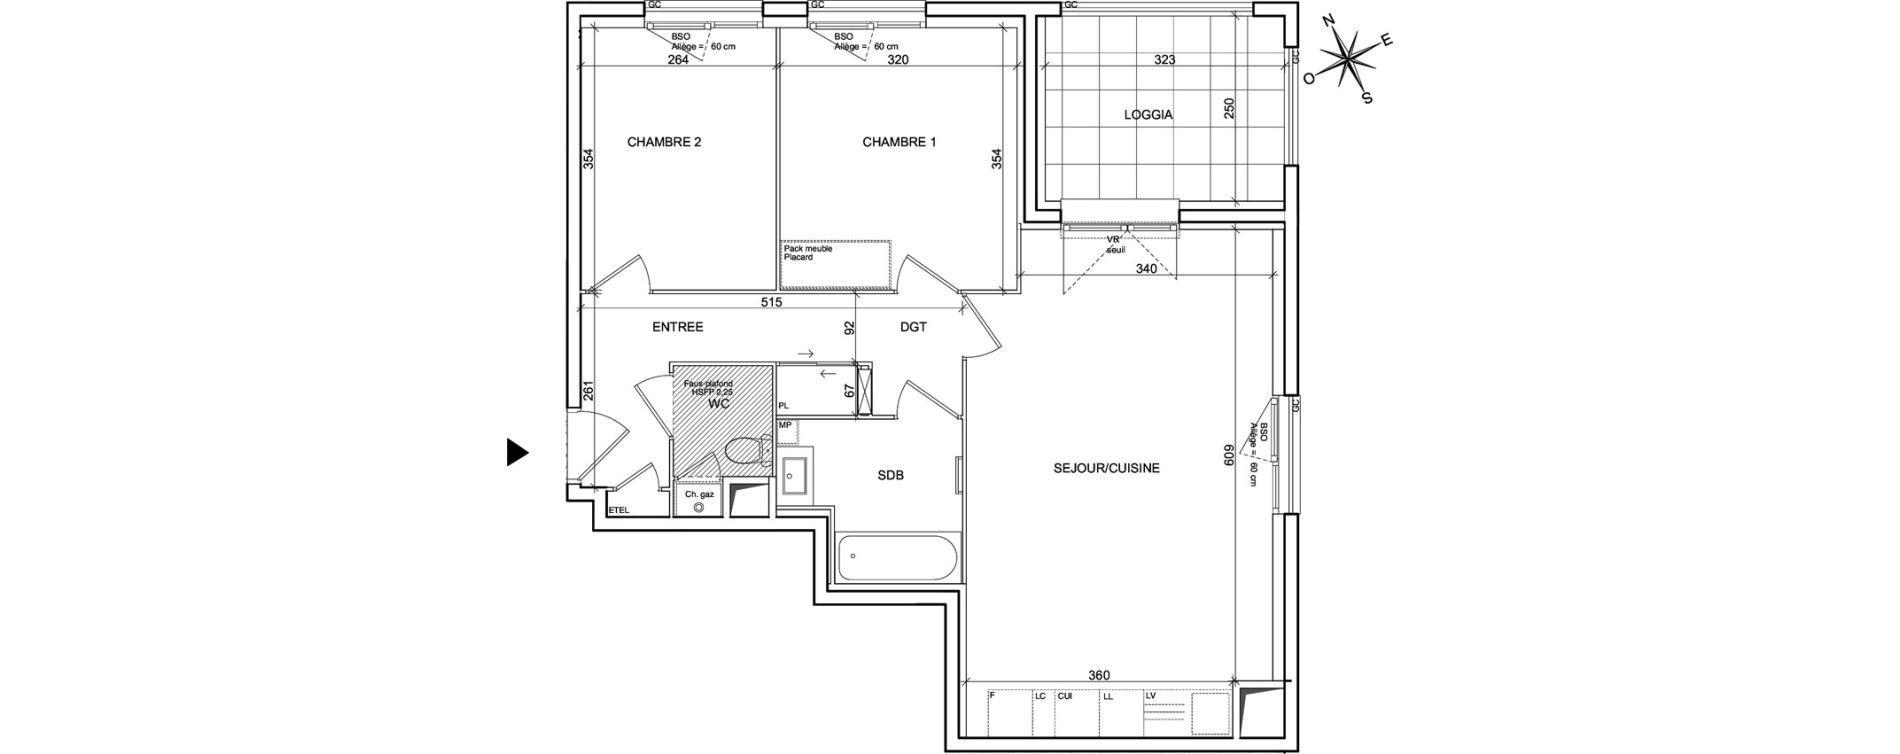 Appartement T3 de 63,88 m2 à Villeurbanne Poudrette les brosses